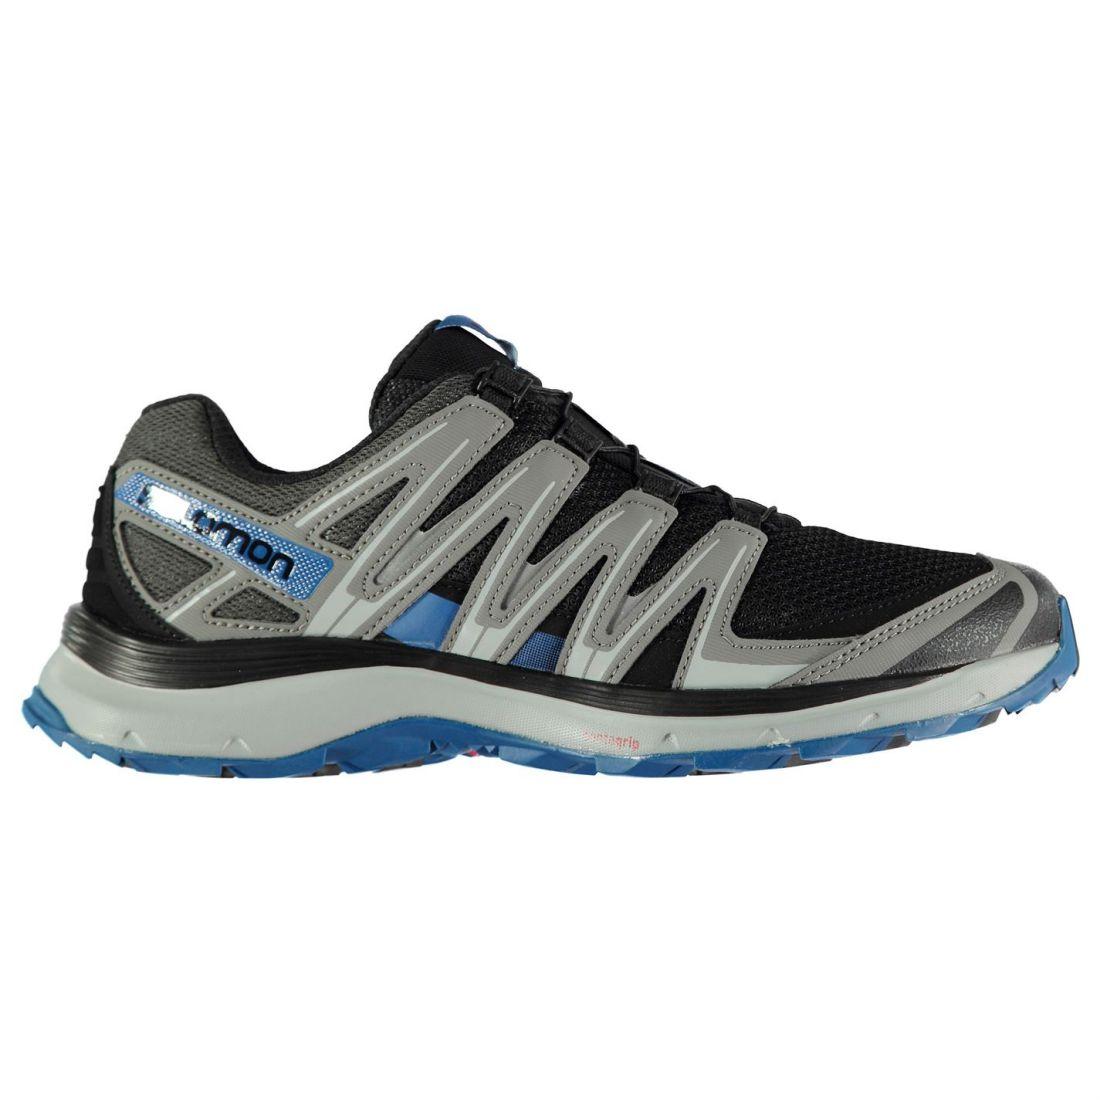 Noir Lite Mesh Chaussures Ventilé Homme Running Trail Gris Xa Salomon Supérieur Bleu 7Owq5z7